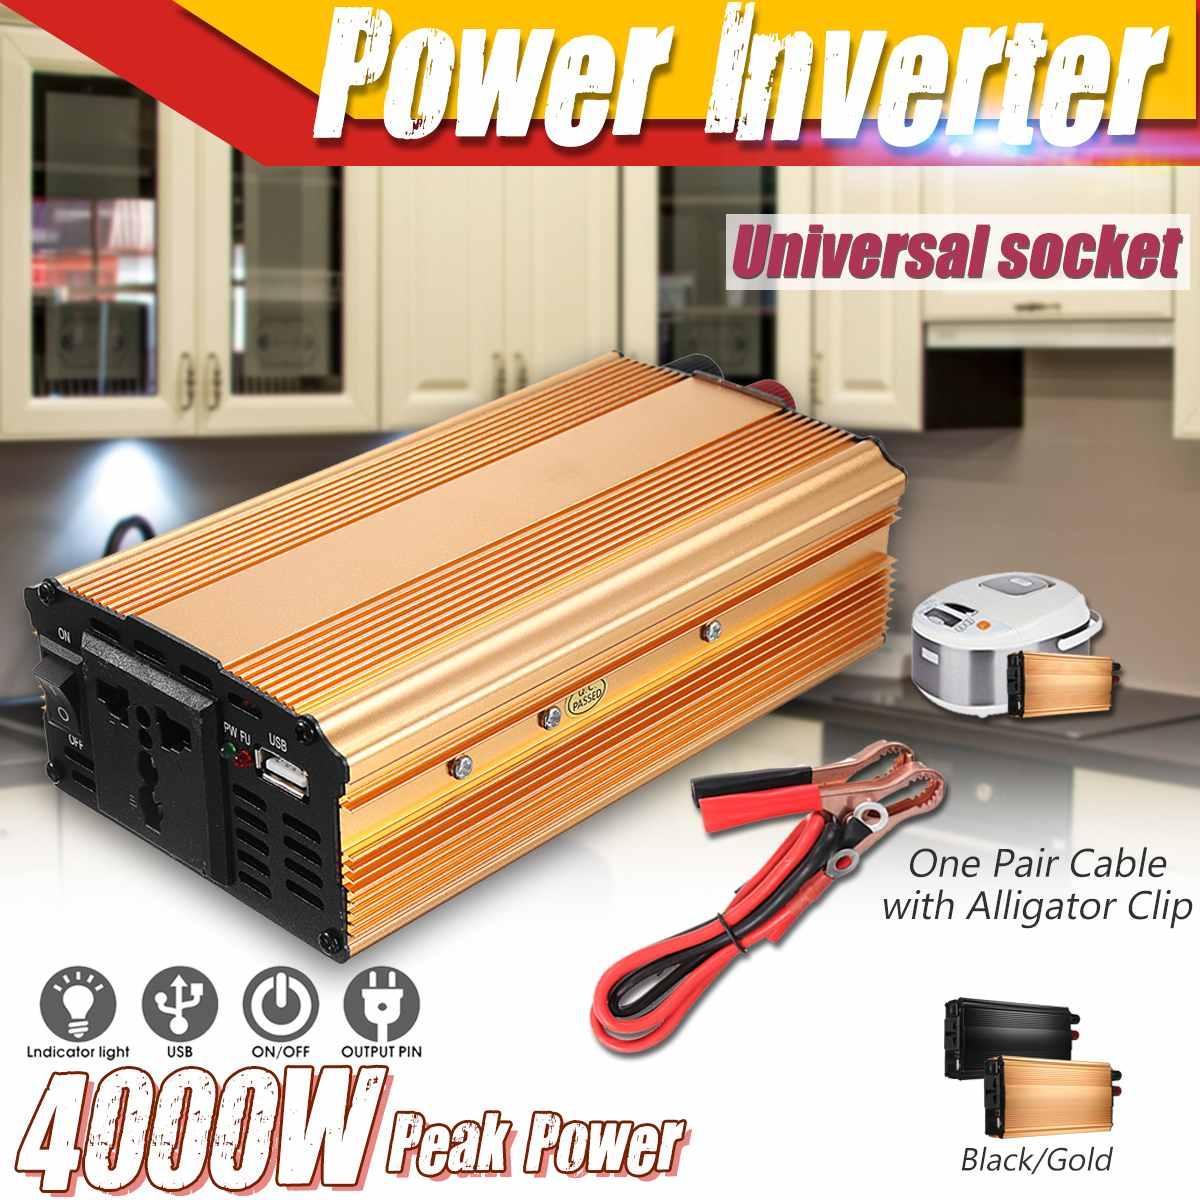 12V 220V 4000W Pico Carro Inversor carro Inversor de Energia Solar Tensão do Transformador Conversor 12 220 Carregador Solar inversor 12V 220V